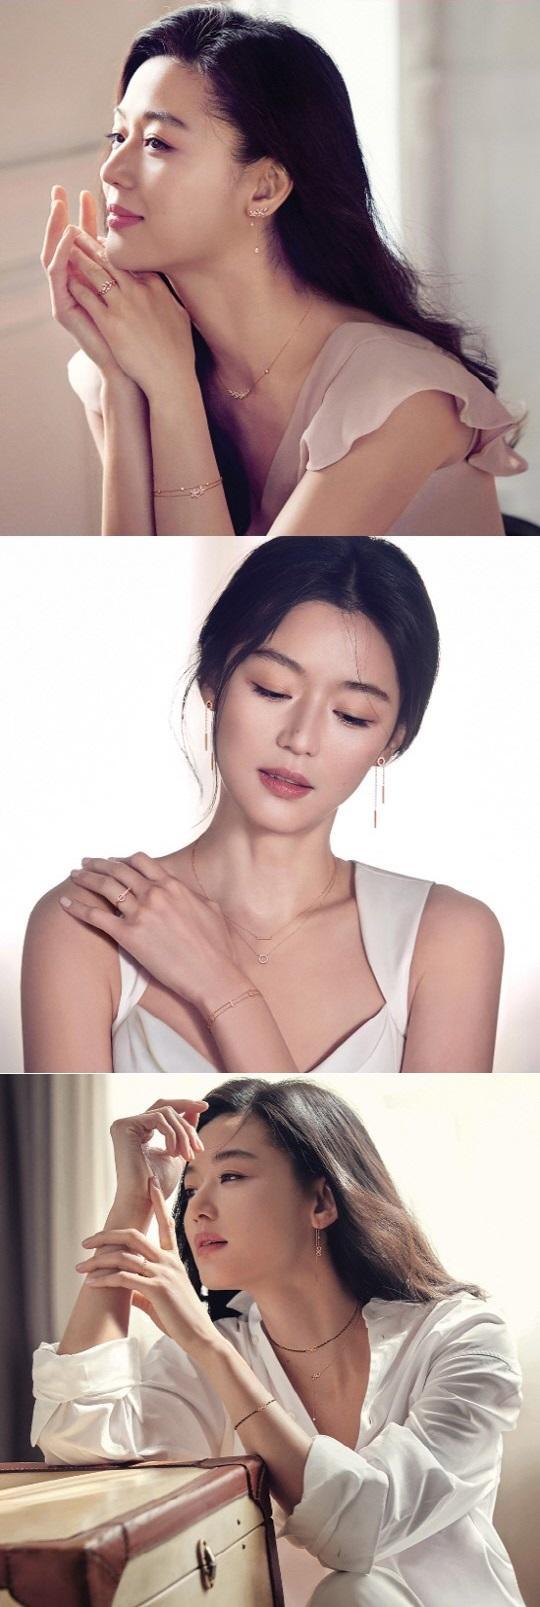 全智贤秋季写真公开 时尚优雅魅力无限